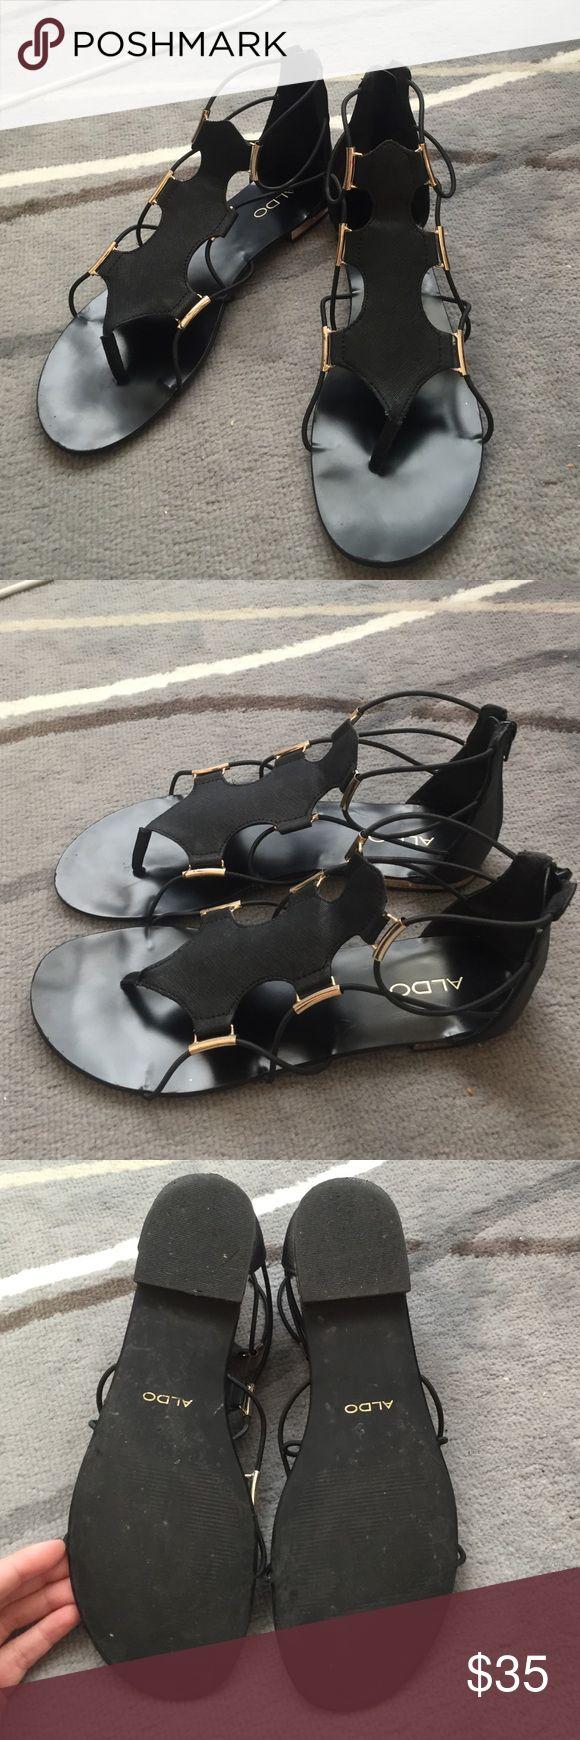 ALDO Zeanna Gladiator Flat Sandals ALDO Zeanna Gladiator Flat Sandals. Gently used condition. Aldo Shoes Sandals